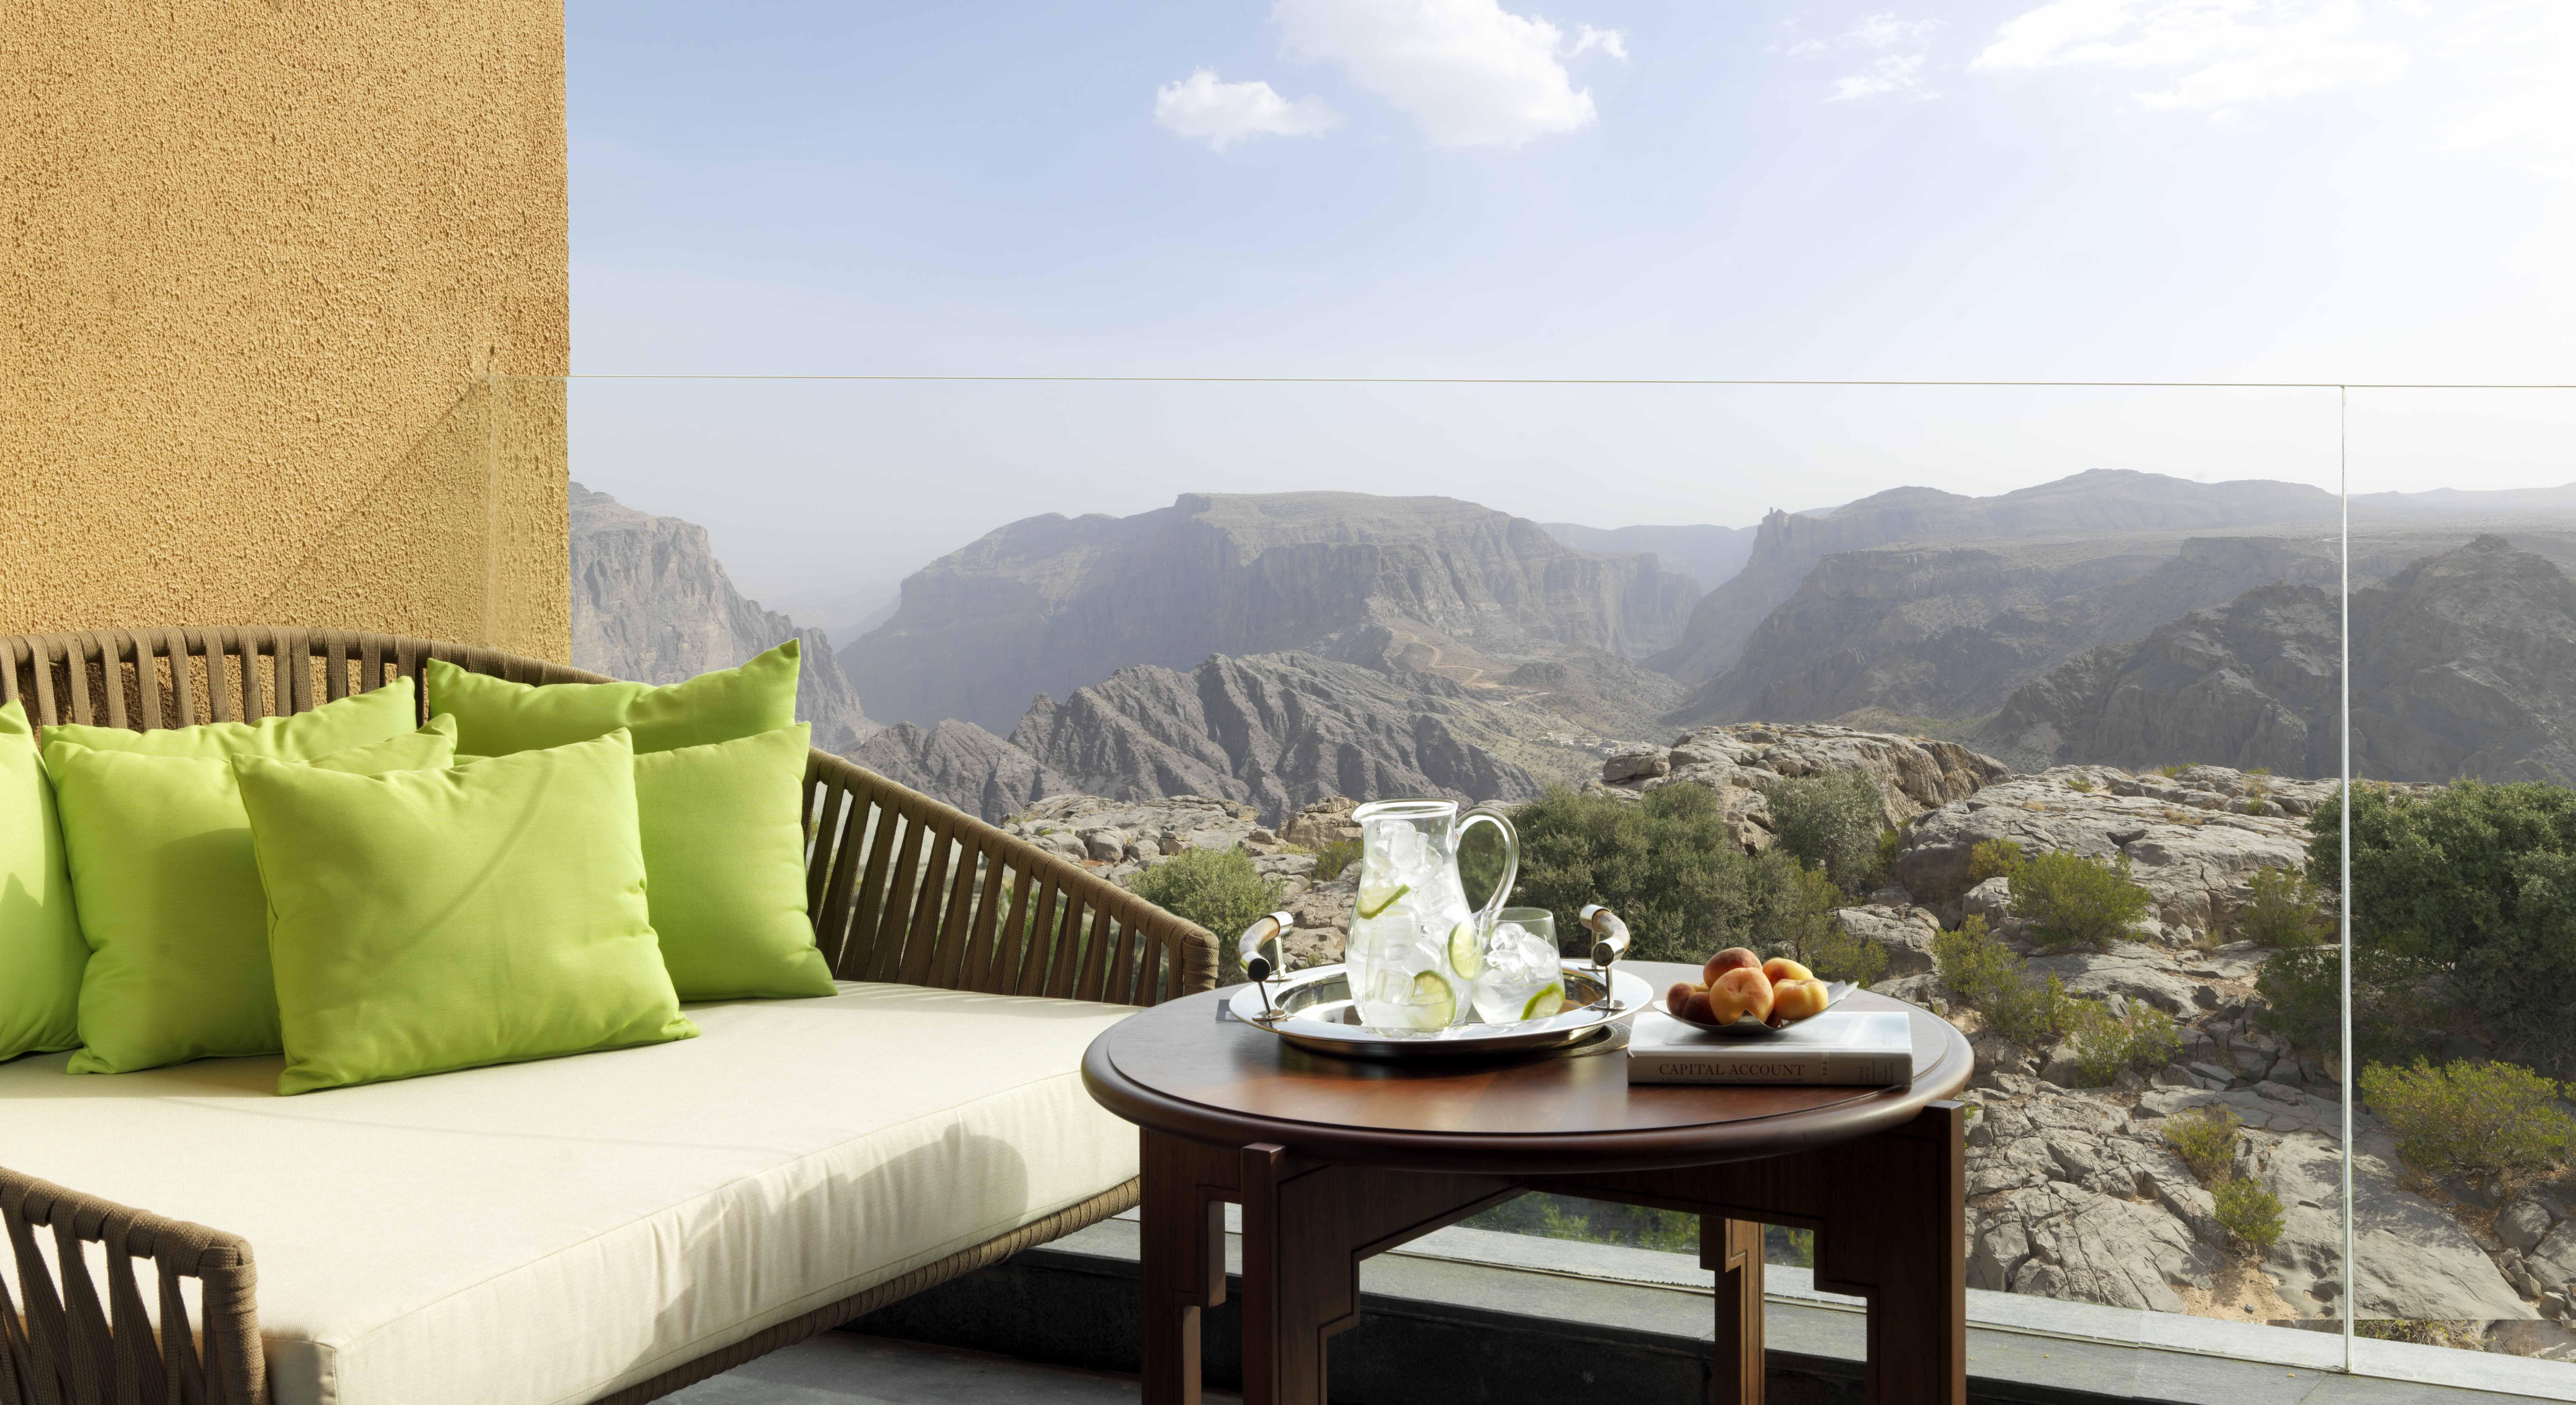 Výhľad z izby hotela al akhdar resort v ománe